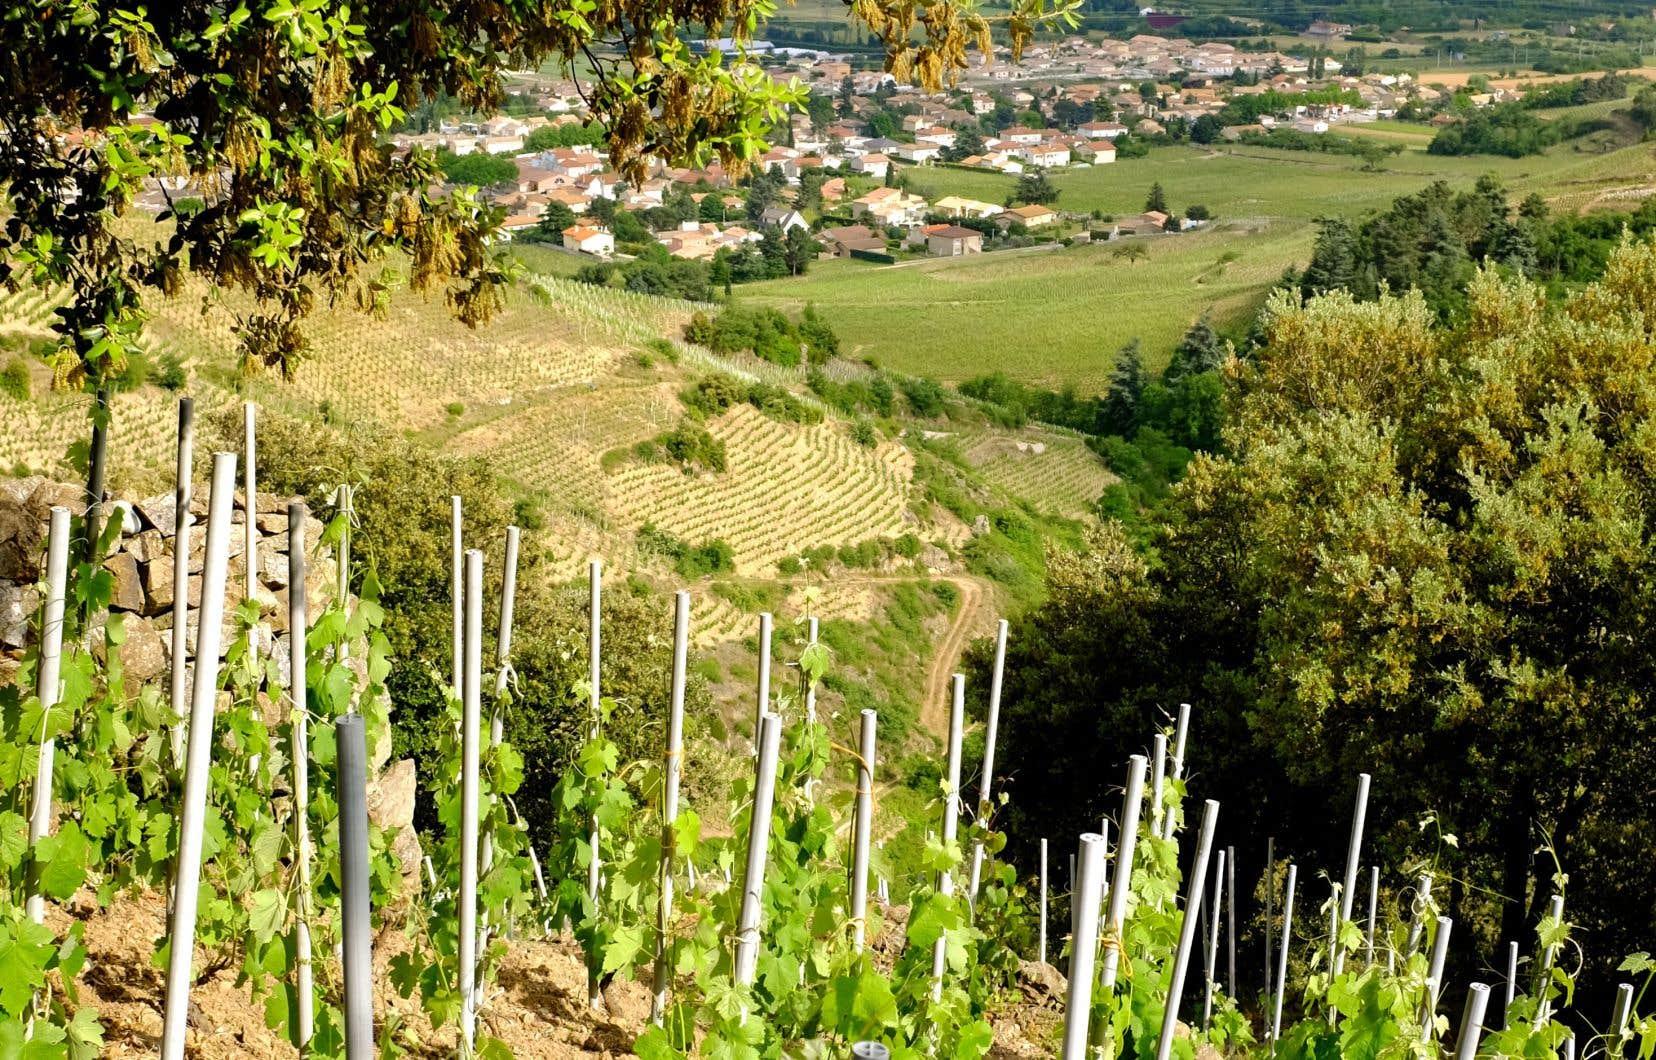 Parcelles de syrahs sur sous-sol argilo-calcaire et de granite décomposé chez Thierry Allemand à Cornas, dans le Rhône septentrional